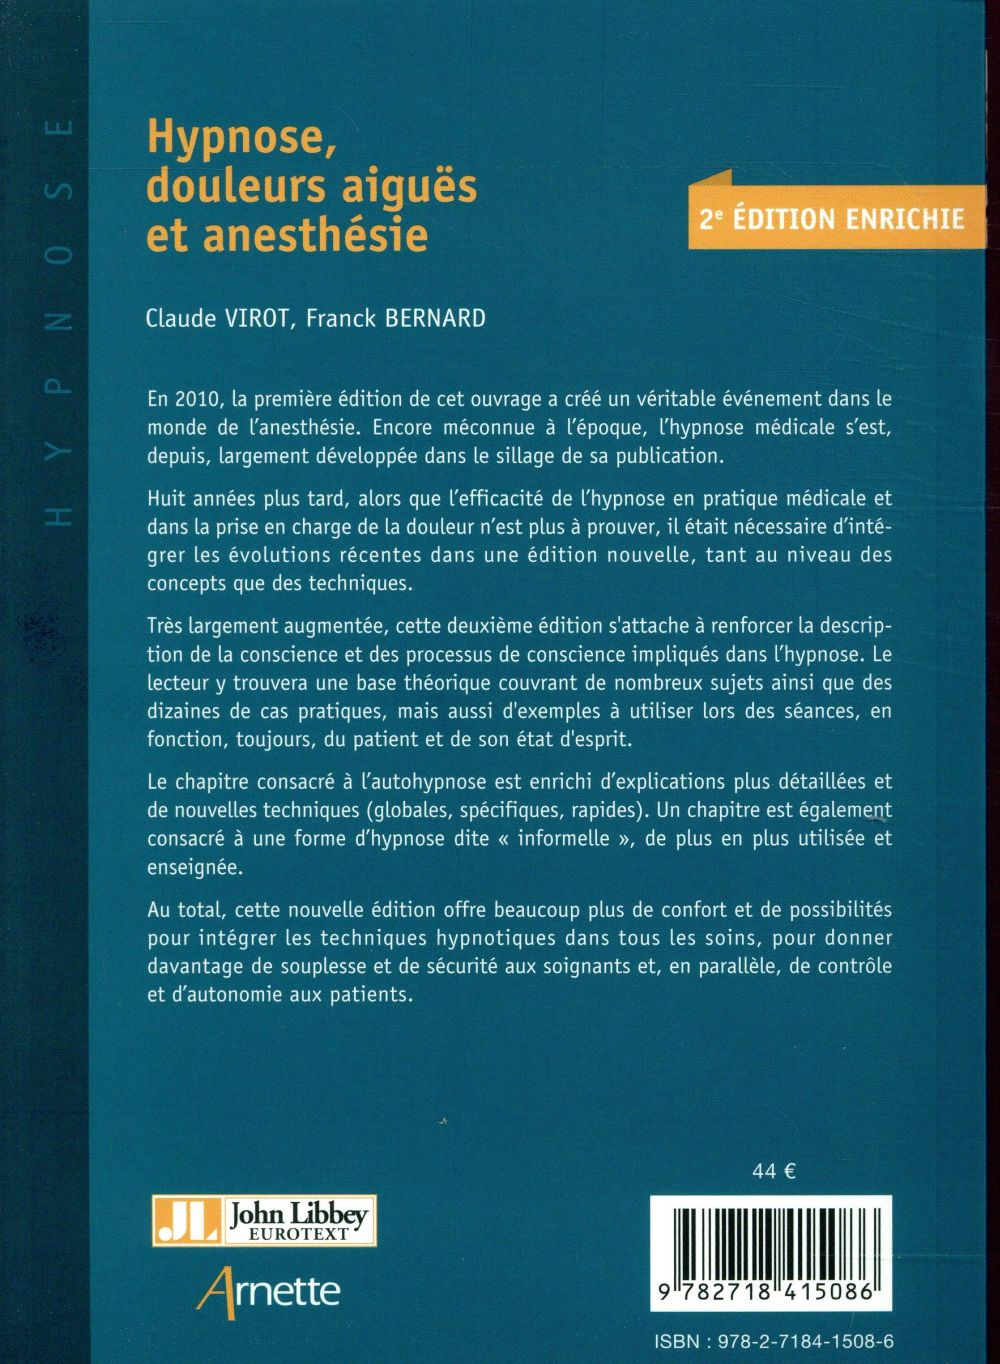 Hypnose douleurs aiguës et anesthésie